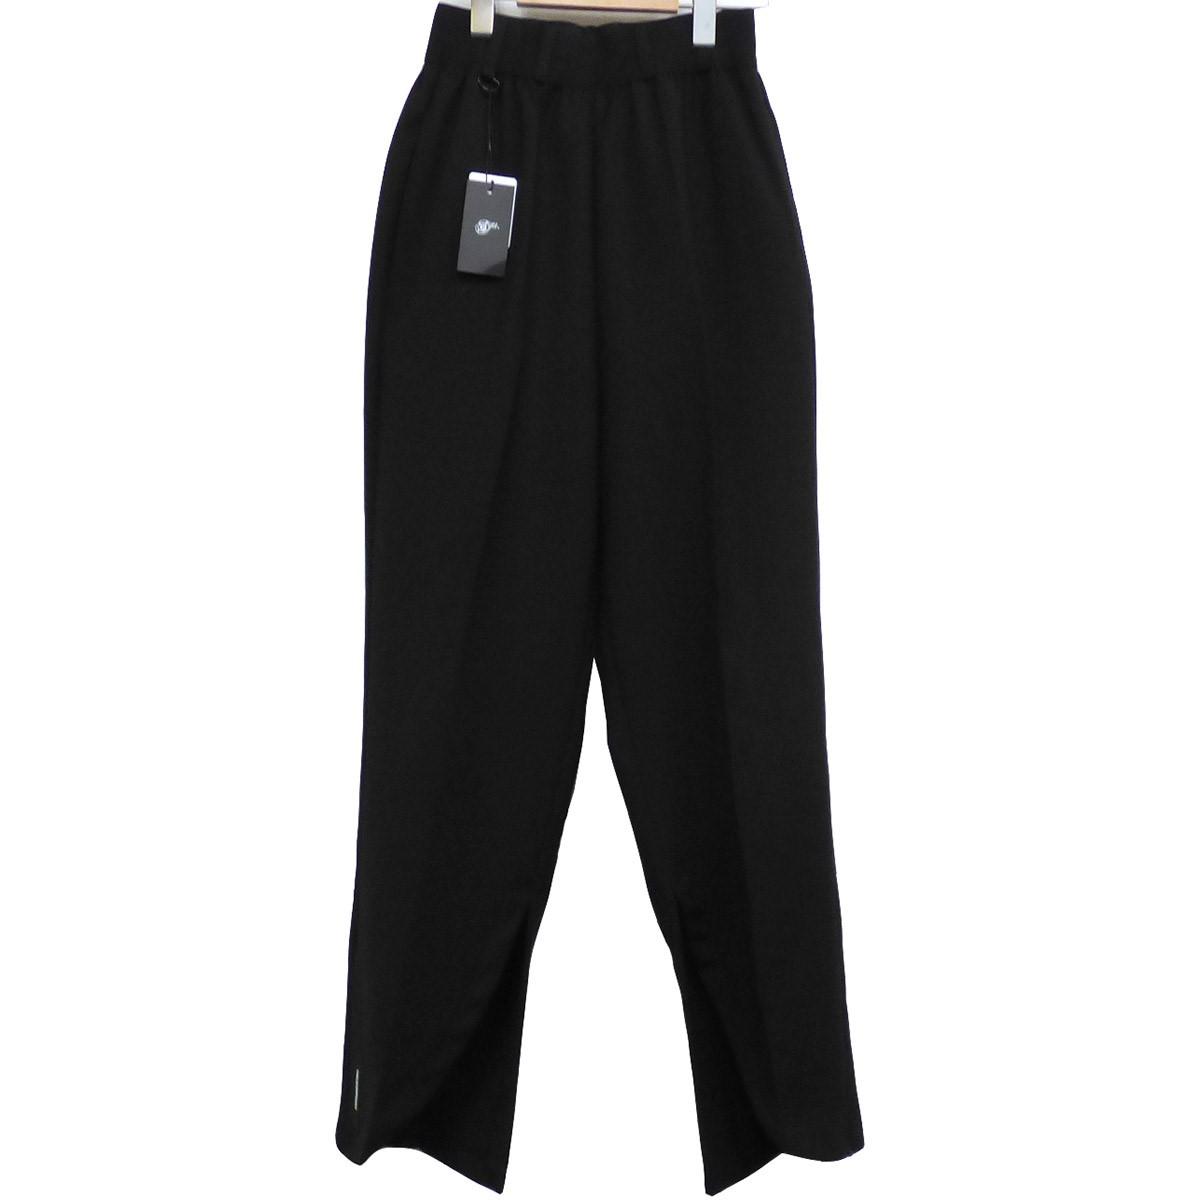 【中古】SYU. HOMME/FEMM 19AW Front Slit Pants裾ジップスリットイージースラックスパンツ ブラック サイズ:1(~95cm) 【150620】(シュウオムフェム)